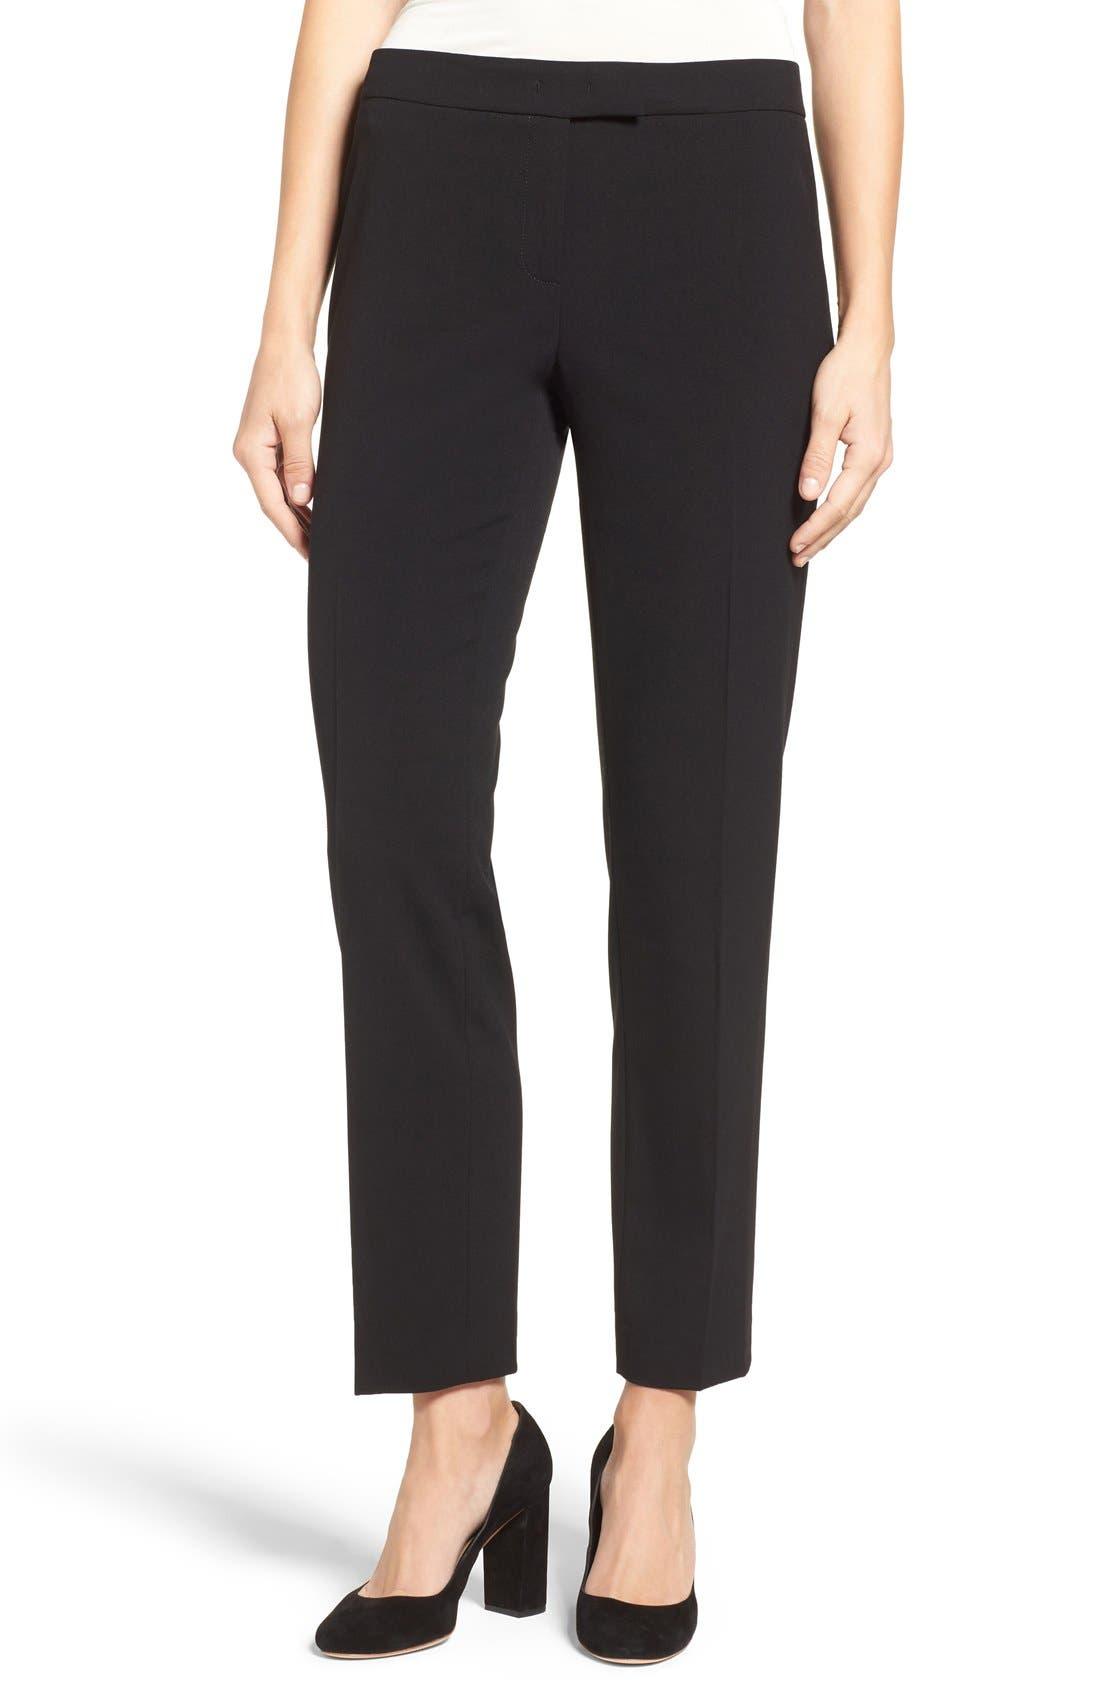 ANNE KLEIN, Slim Suit Pants, Main thumbnail 1, color, 001